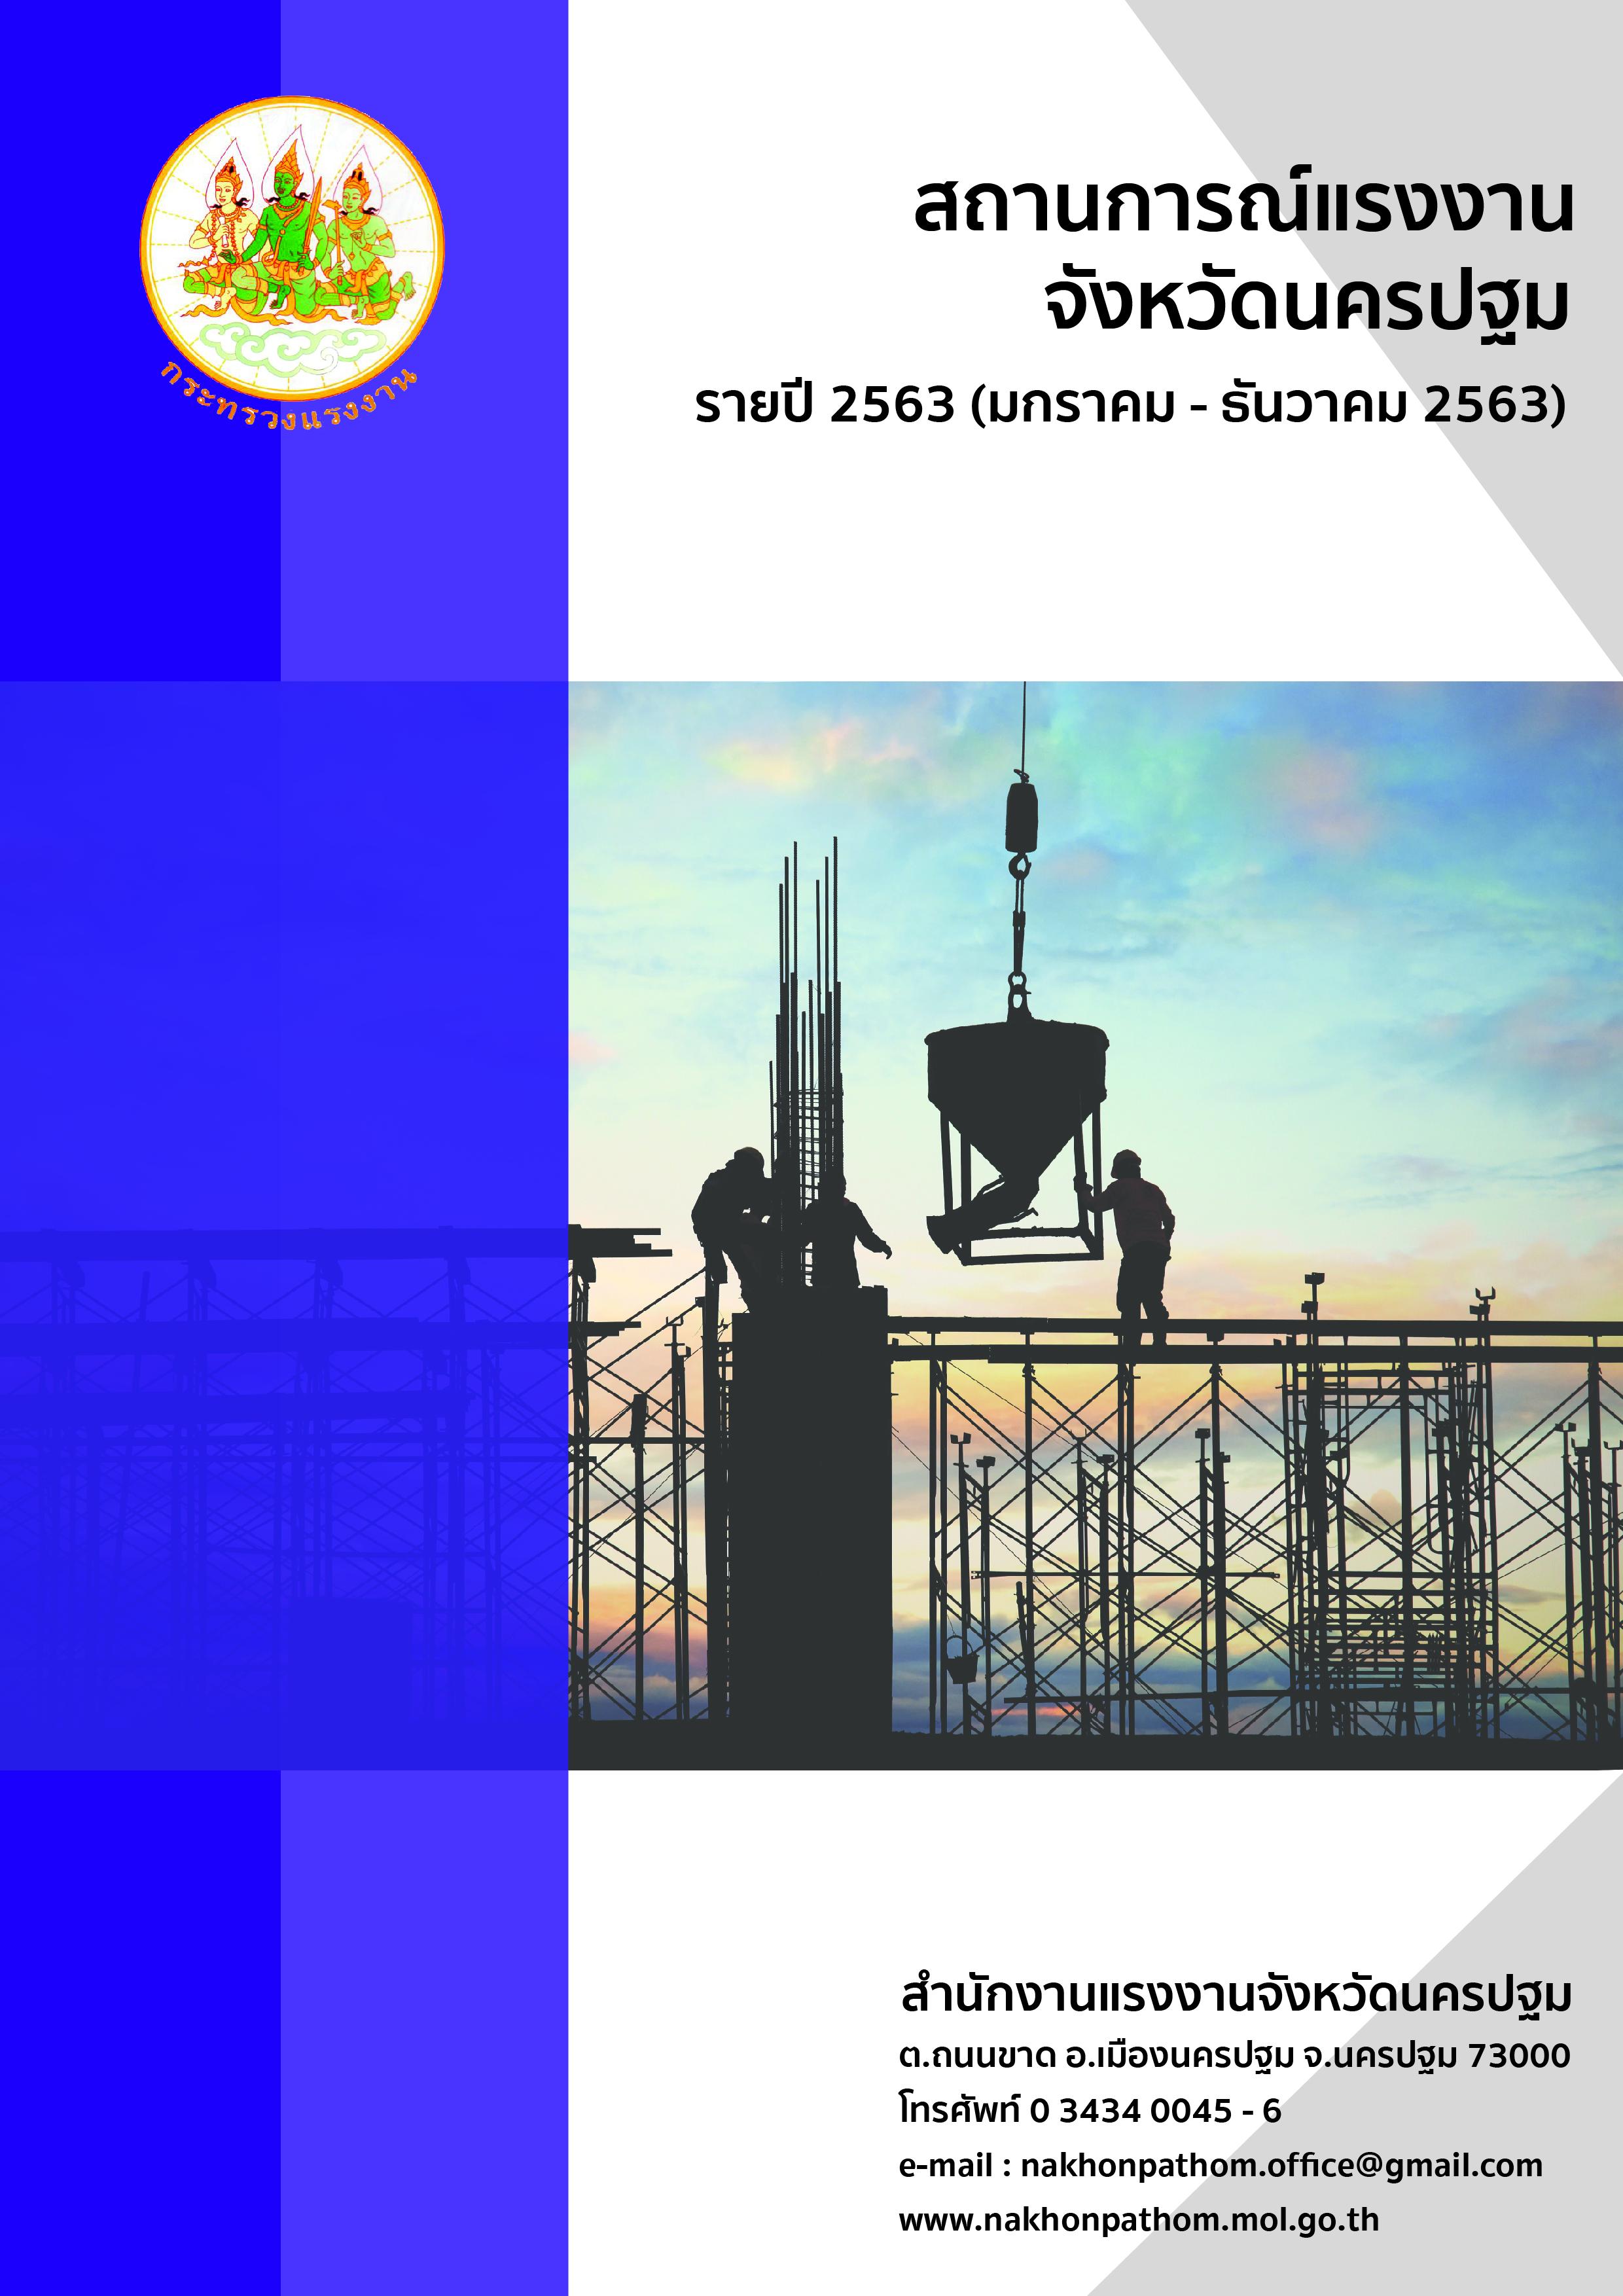 รายงานสถานการณ์แรงงานจังหวัดนครปฐม รายปี 2563 (มกราคม – ธันวาคม 2563)